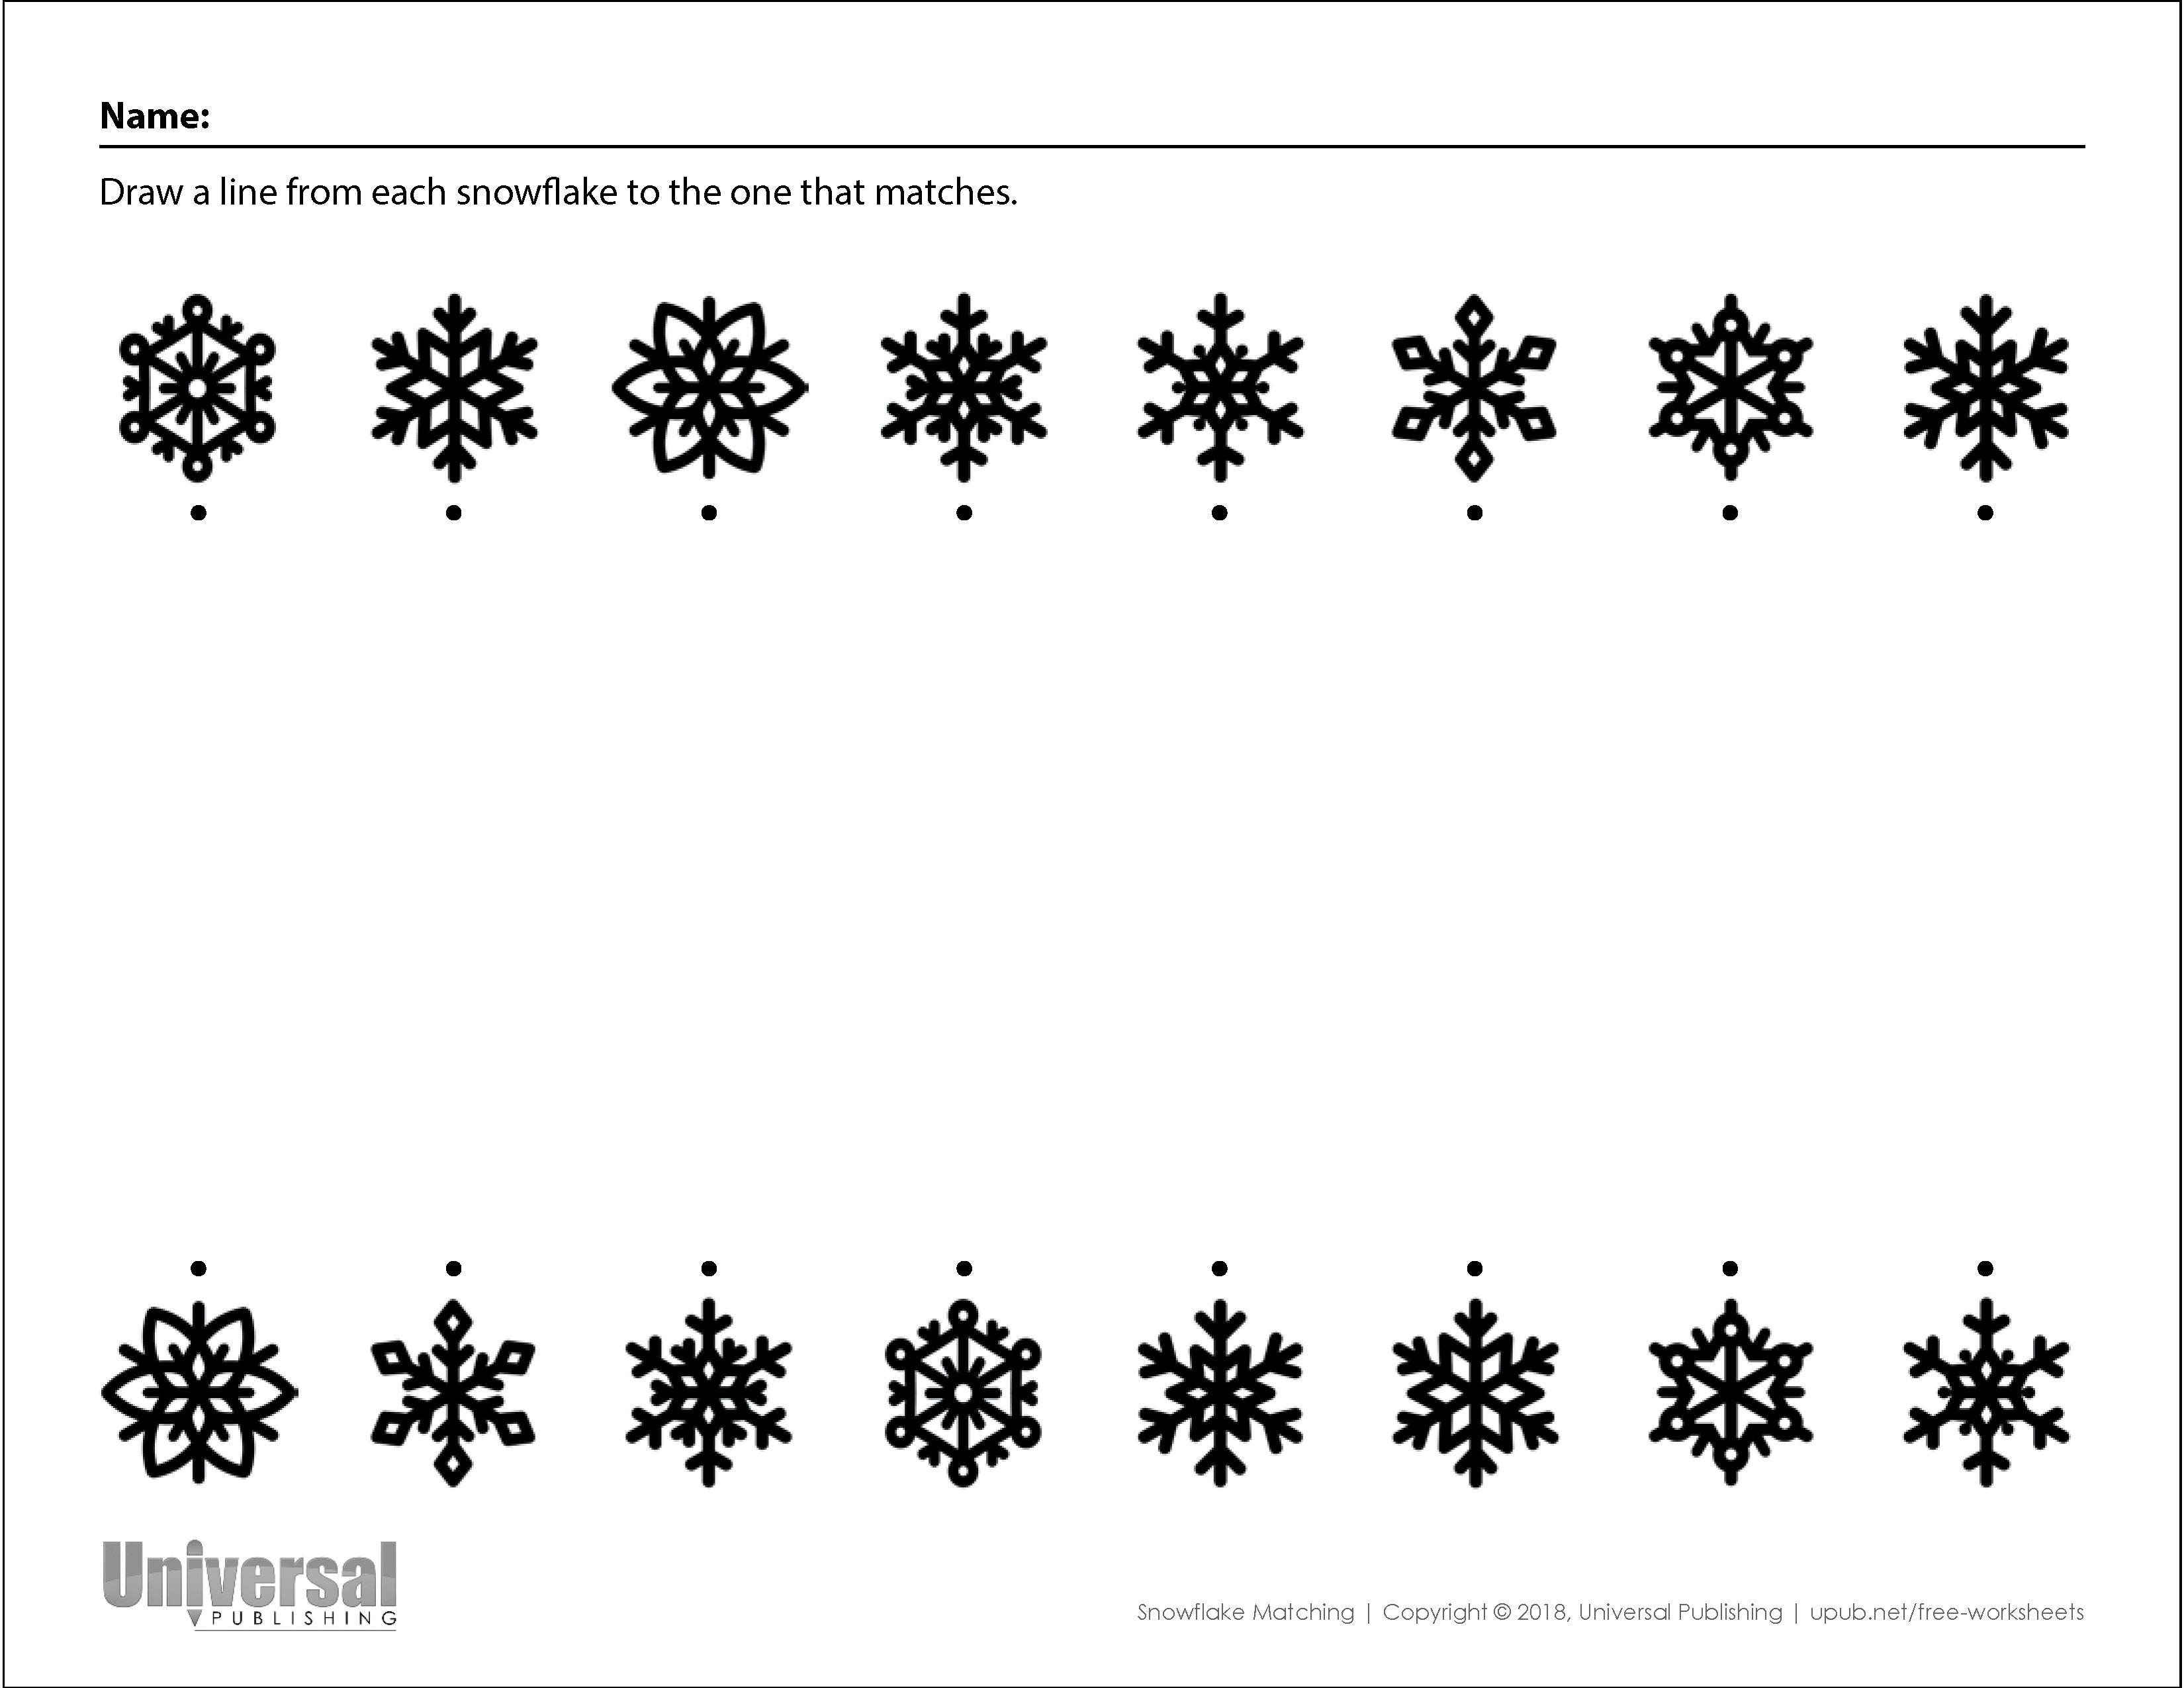 Snowflake Matching